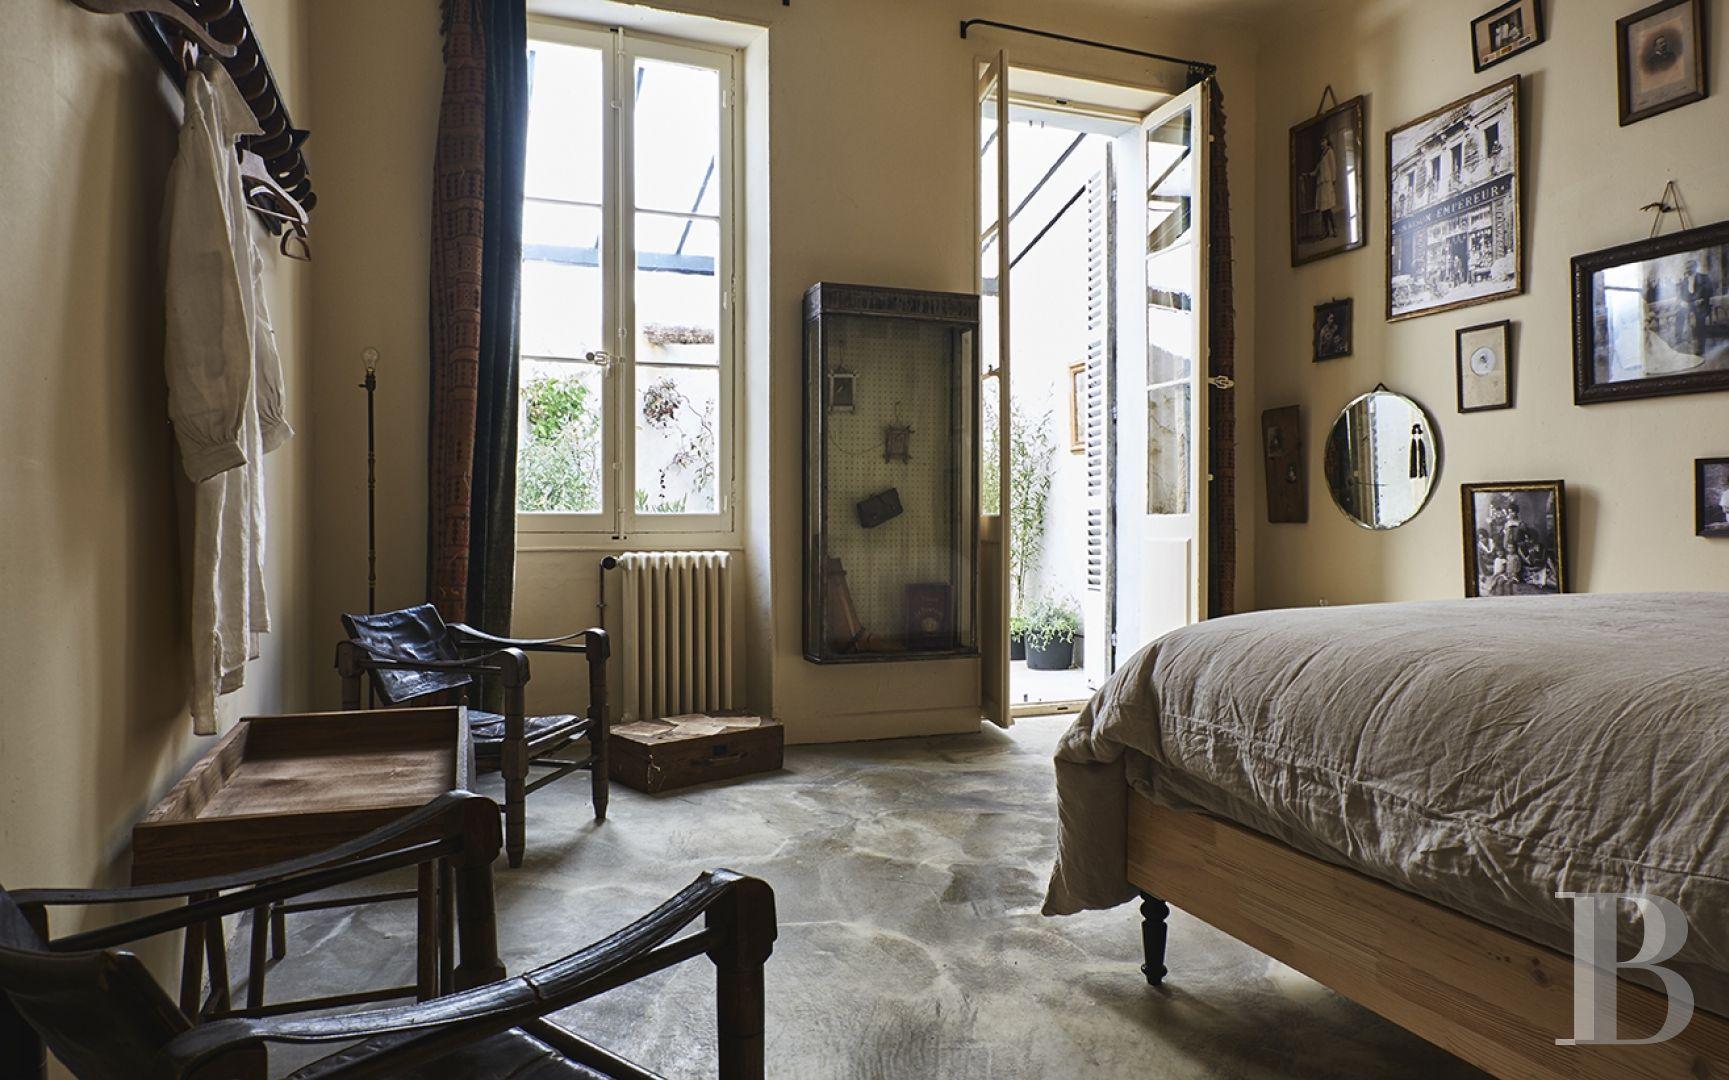 Patrice besse chambres d 39 h tes provence alpes c te d 39 azur marseille tout pr s du vieux - Chambre d hote pres de marseille ...